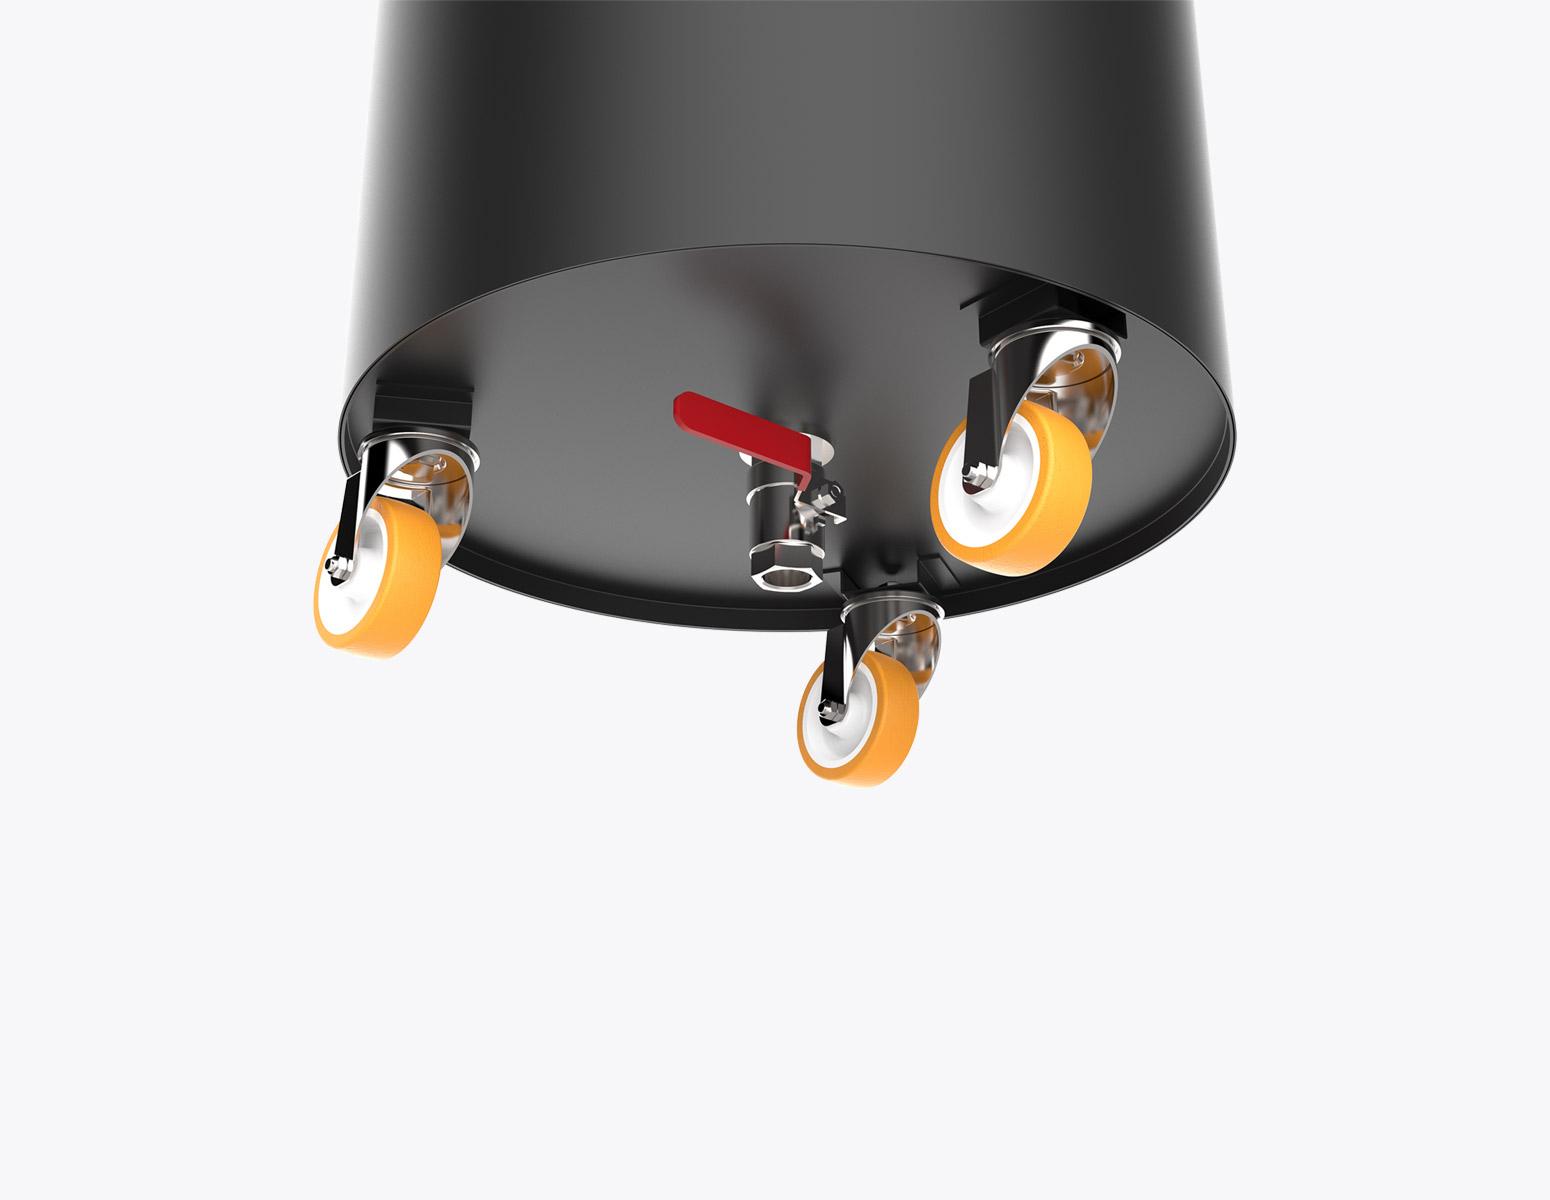 drain-tap-industrial-vacuum-cleaners-ivision-vacuum